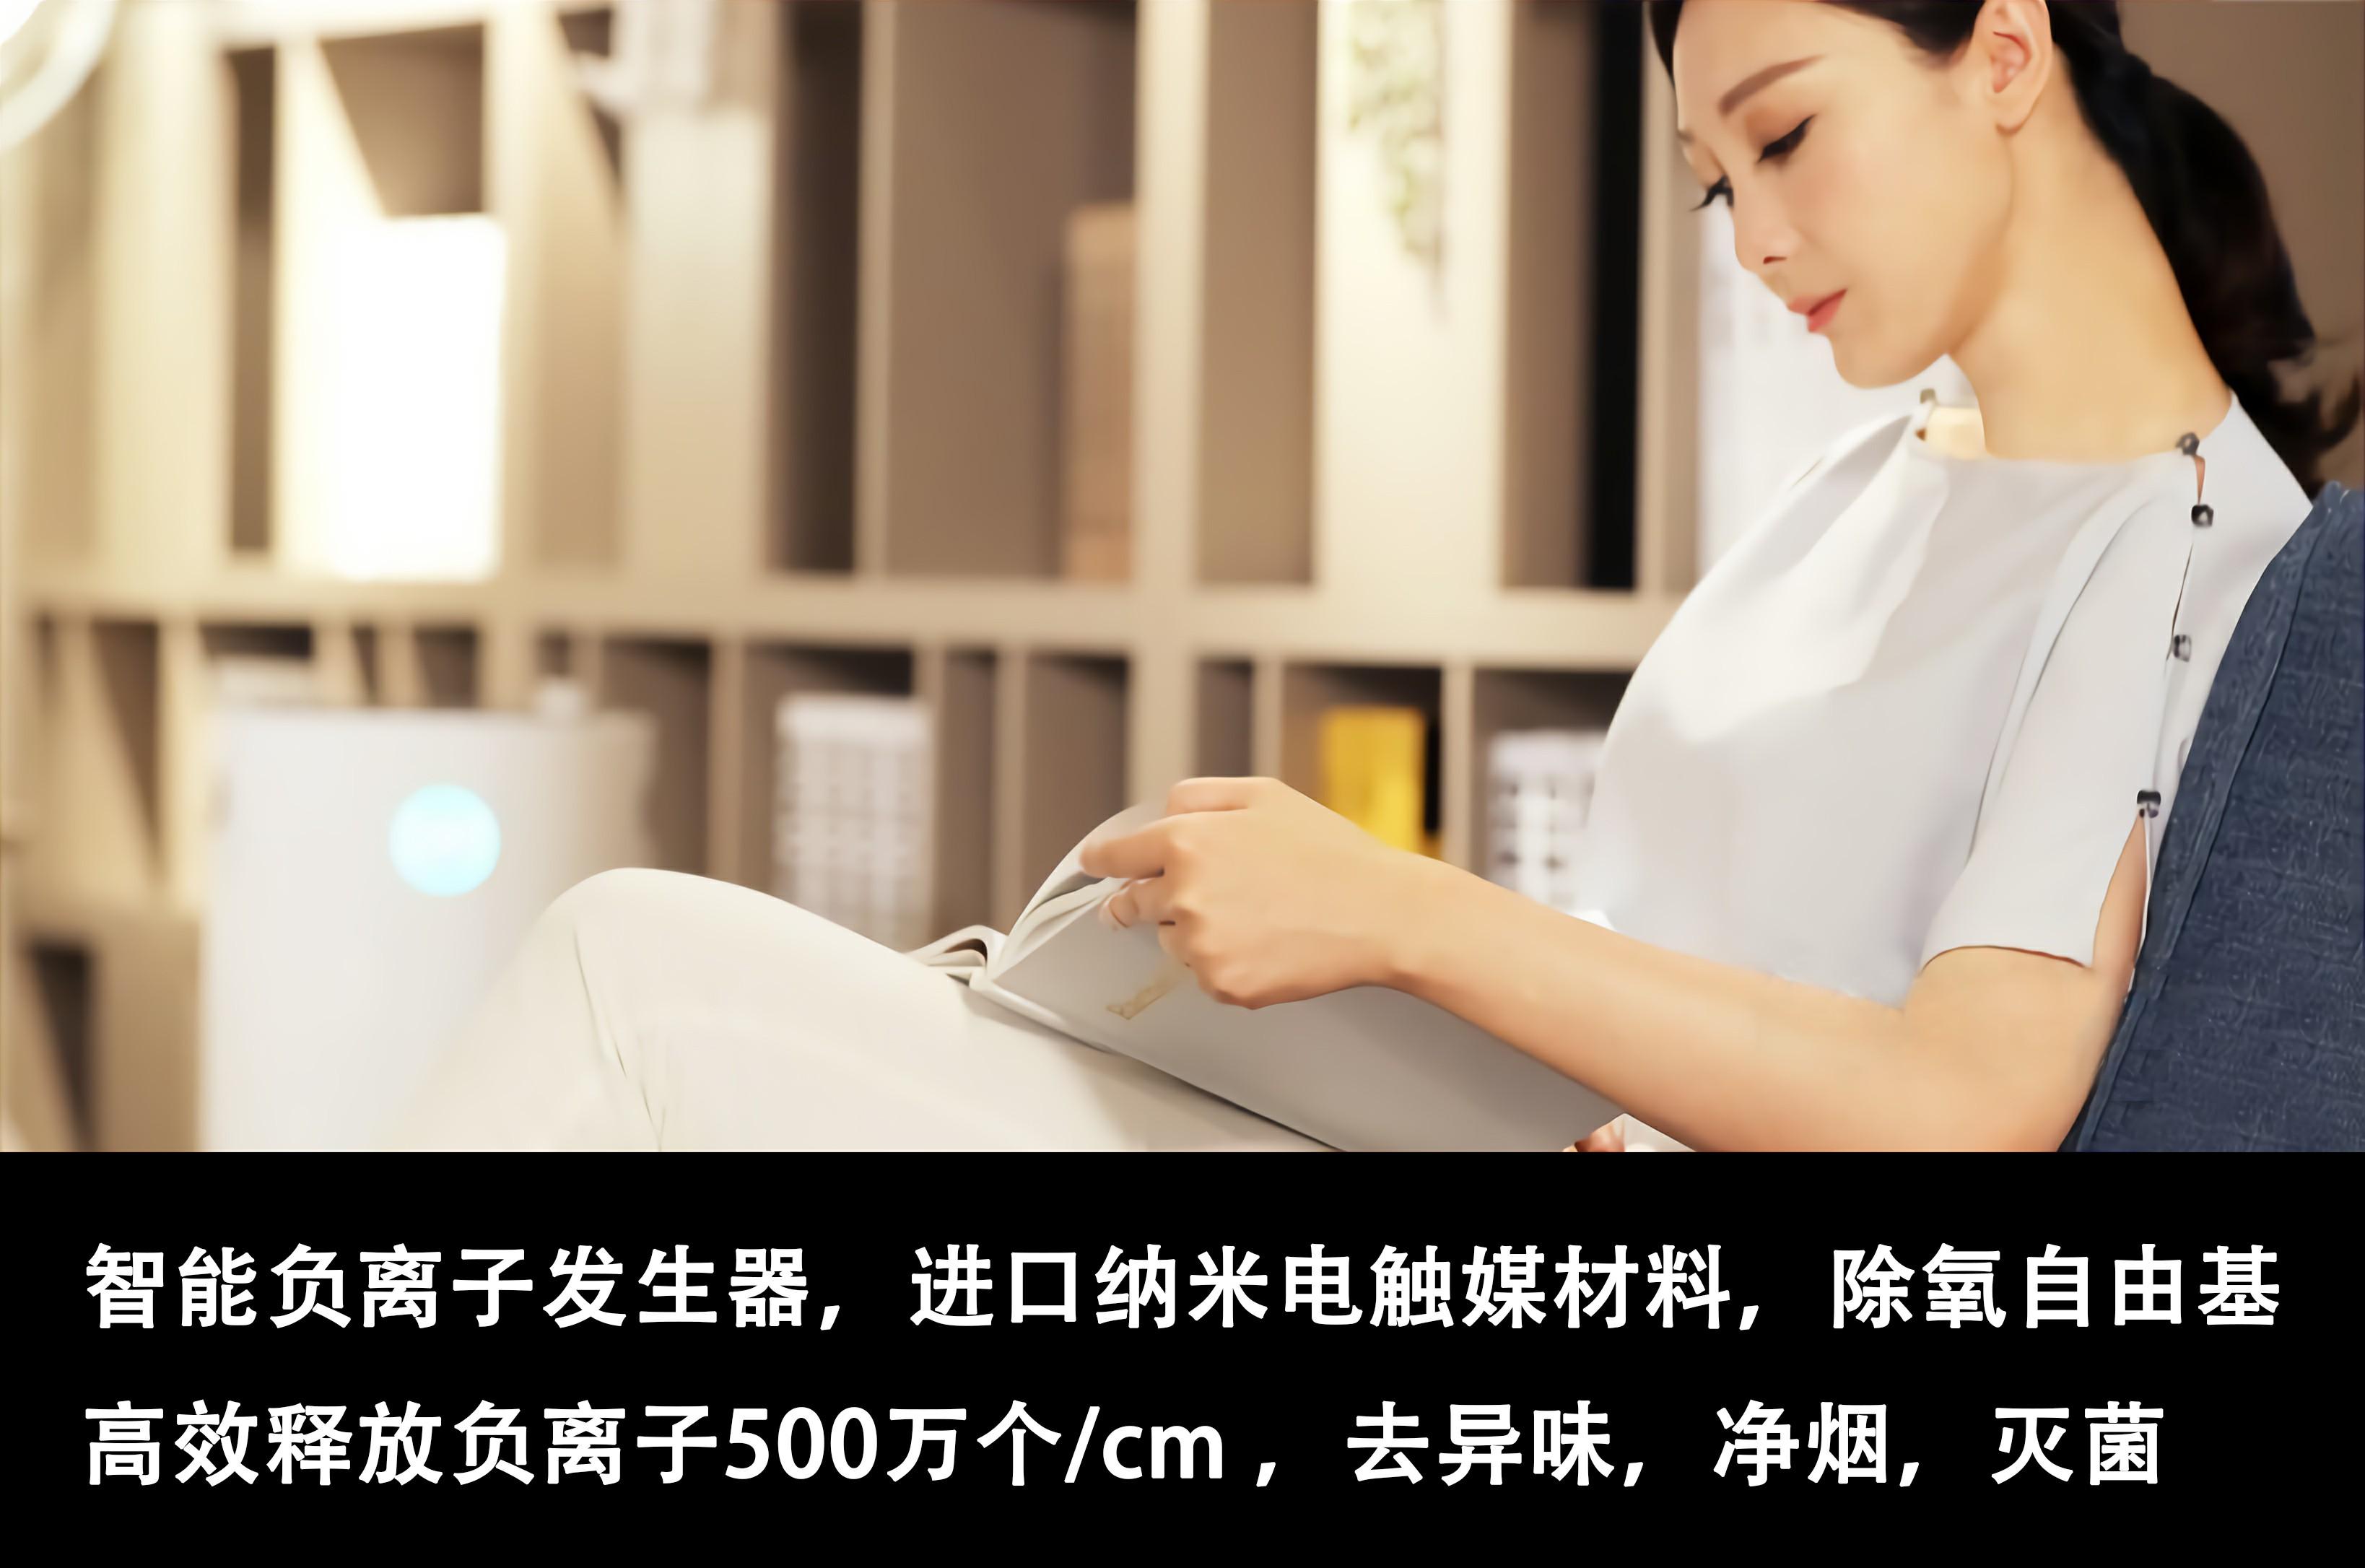 乐视遗产 X50空气净化器,滤芯与小米通用,好用且实惠-爱扫货